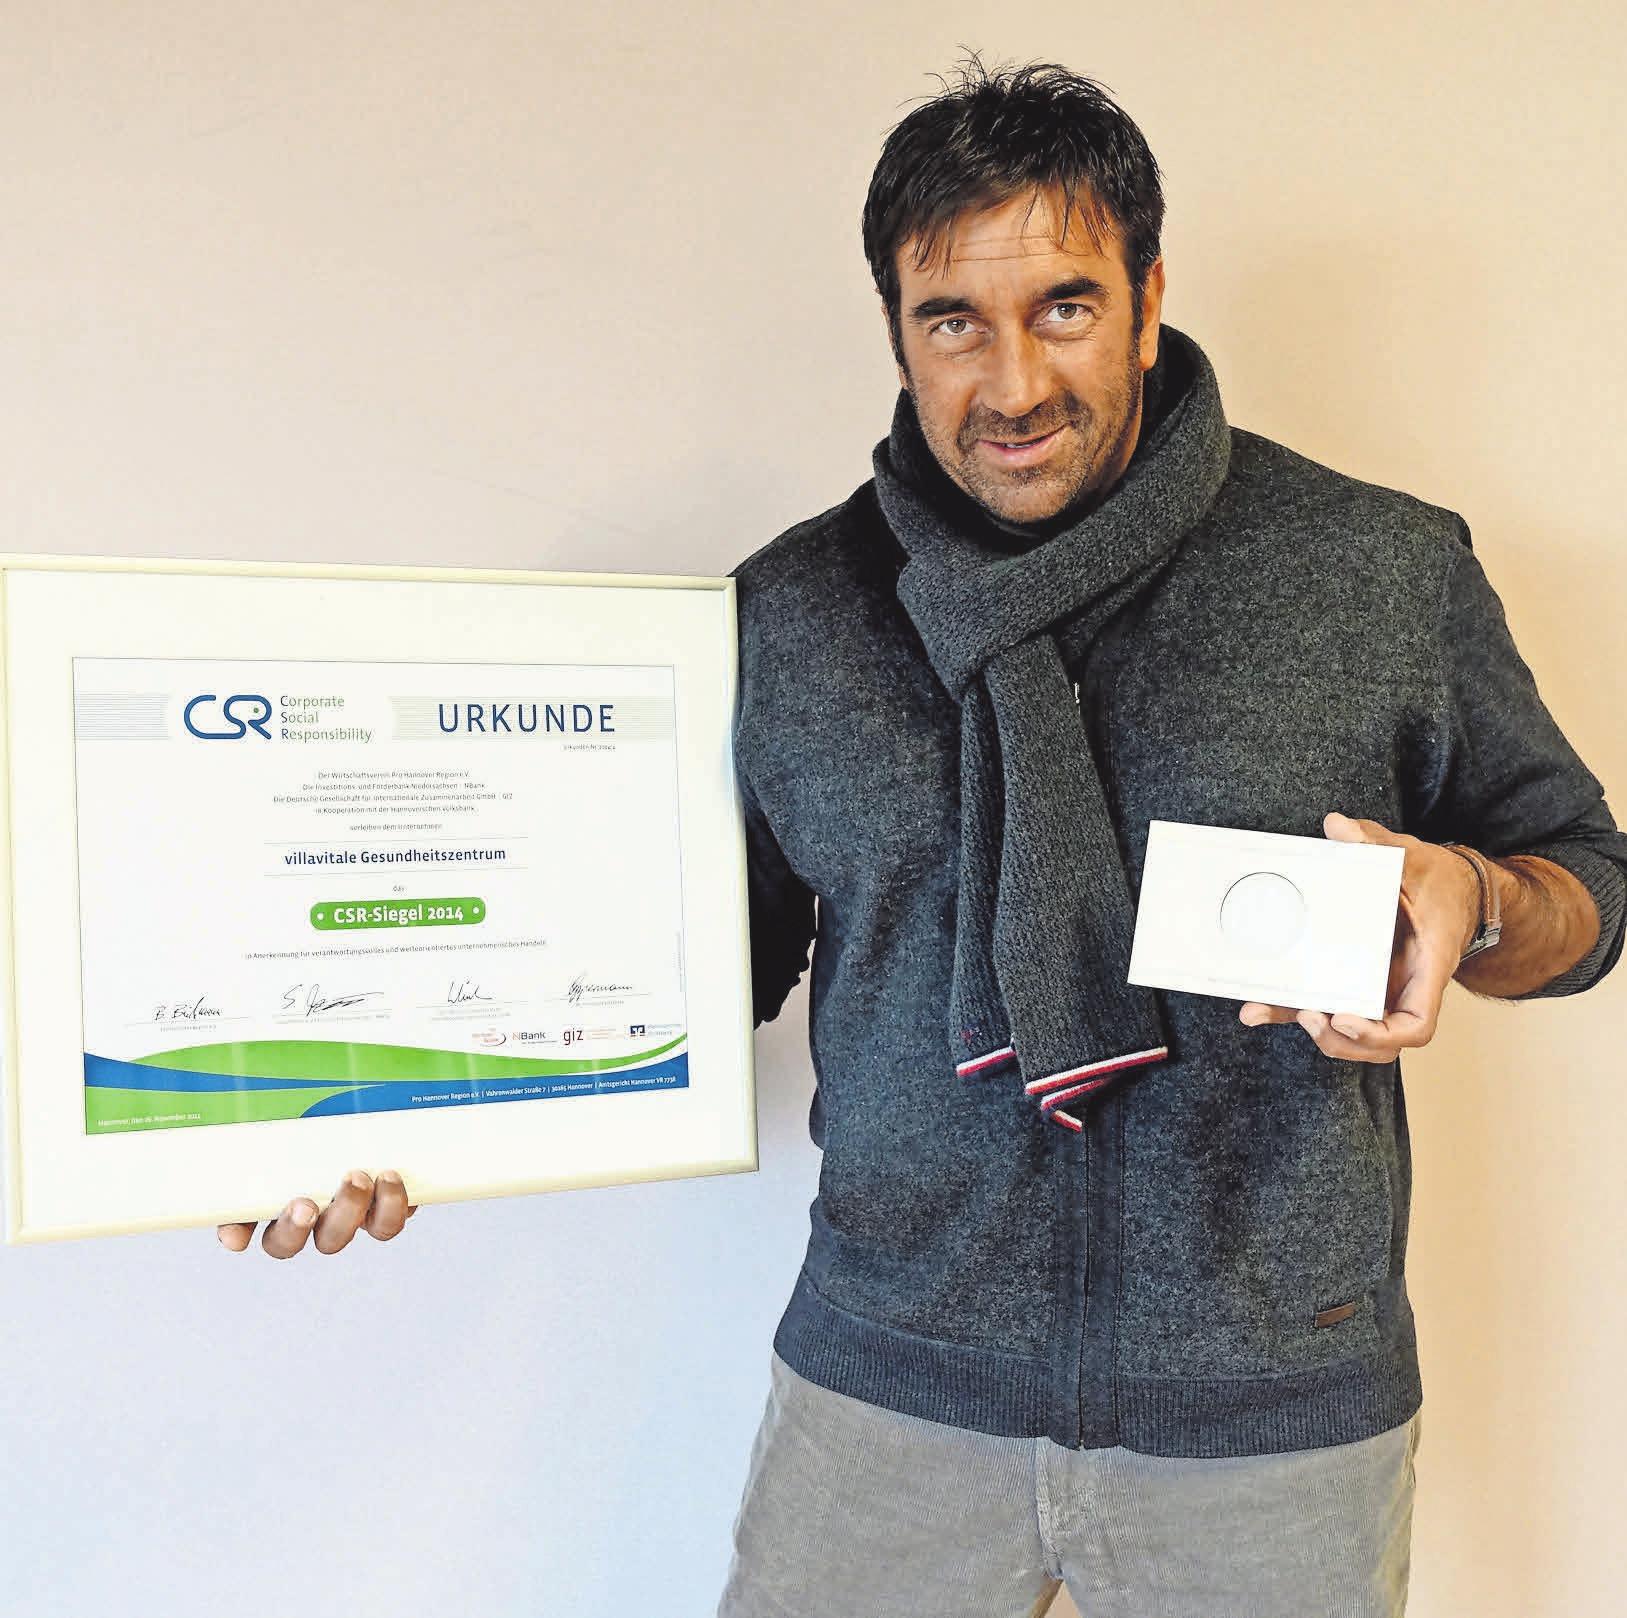 Ausgezeichnet: Für sein soziales Engagement wird Ricardo Savia mit Urkunden und Orden belohnt.